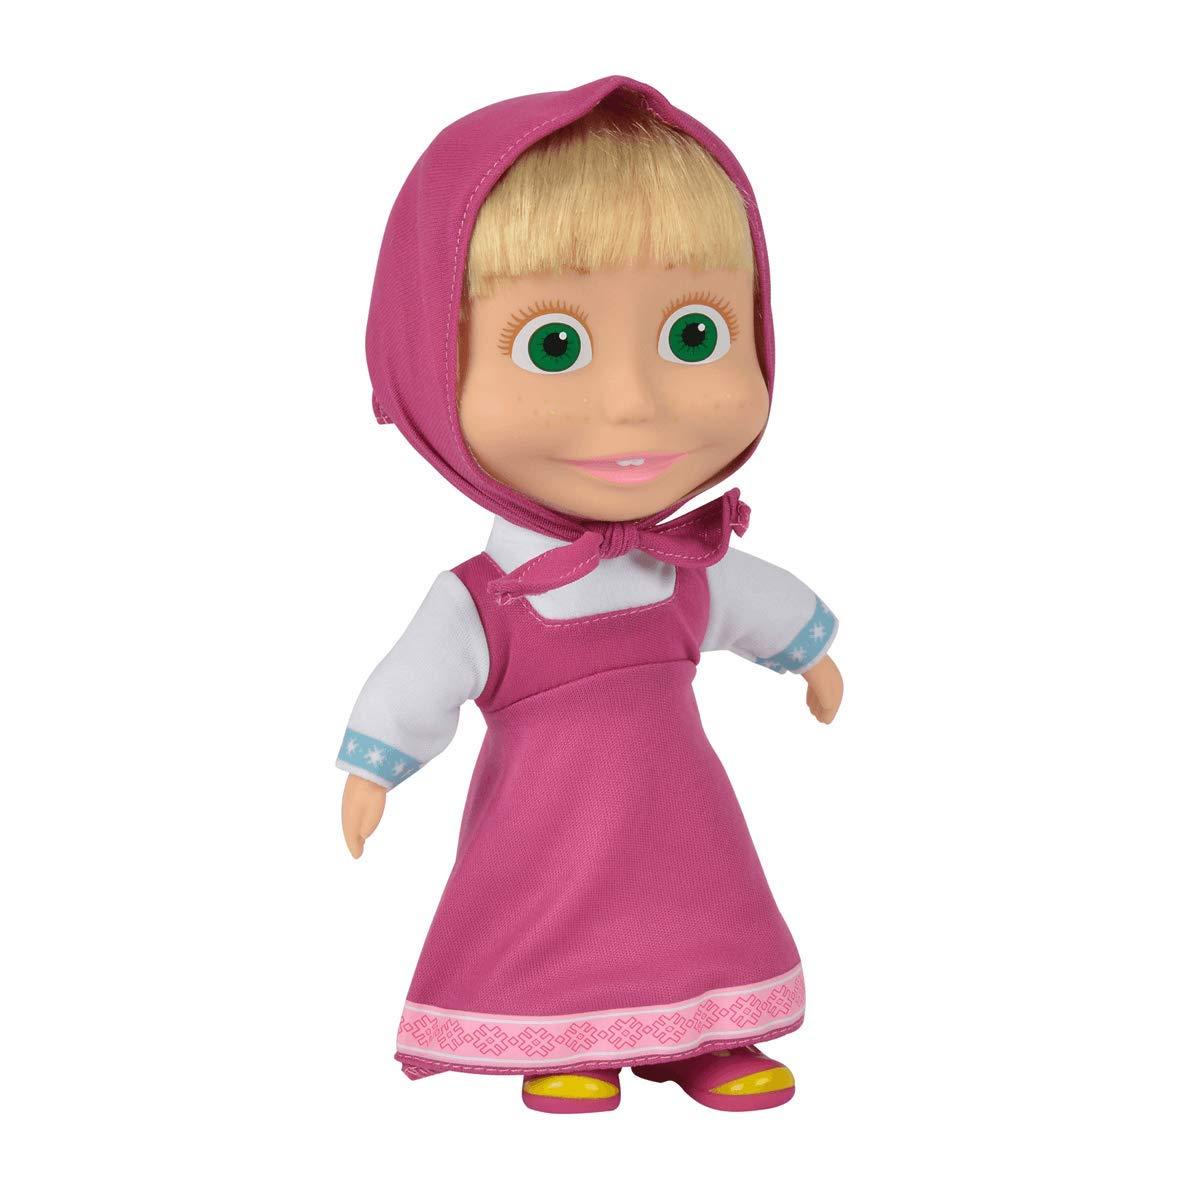 Simba Toys 109306372 muñeca - Muñecas, Femenino, Chica, 3 año(s), Masha, 12 año(s)